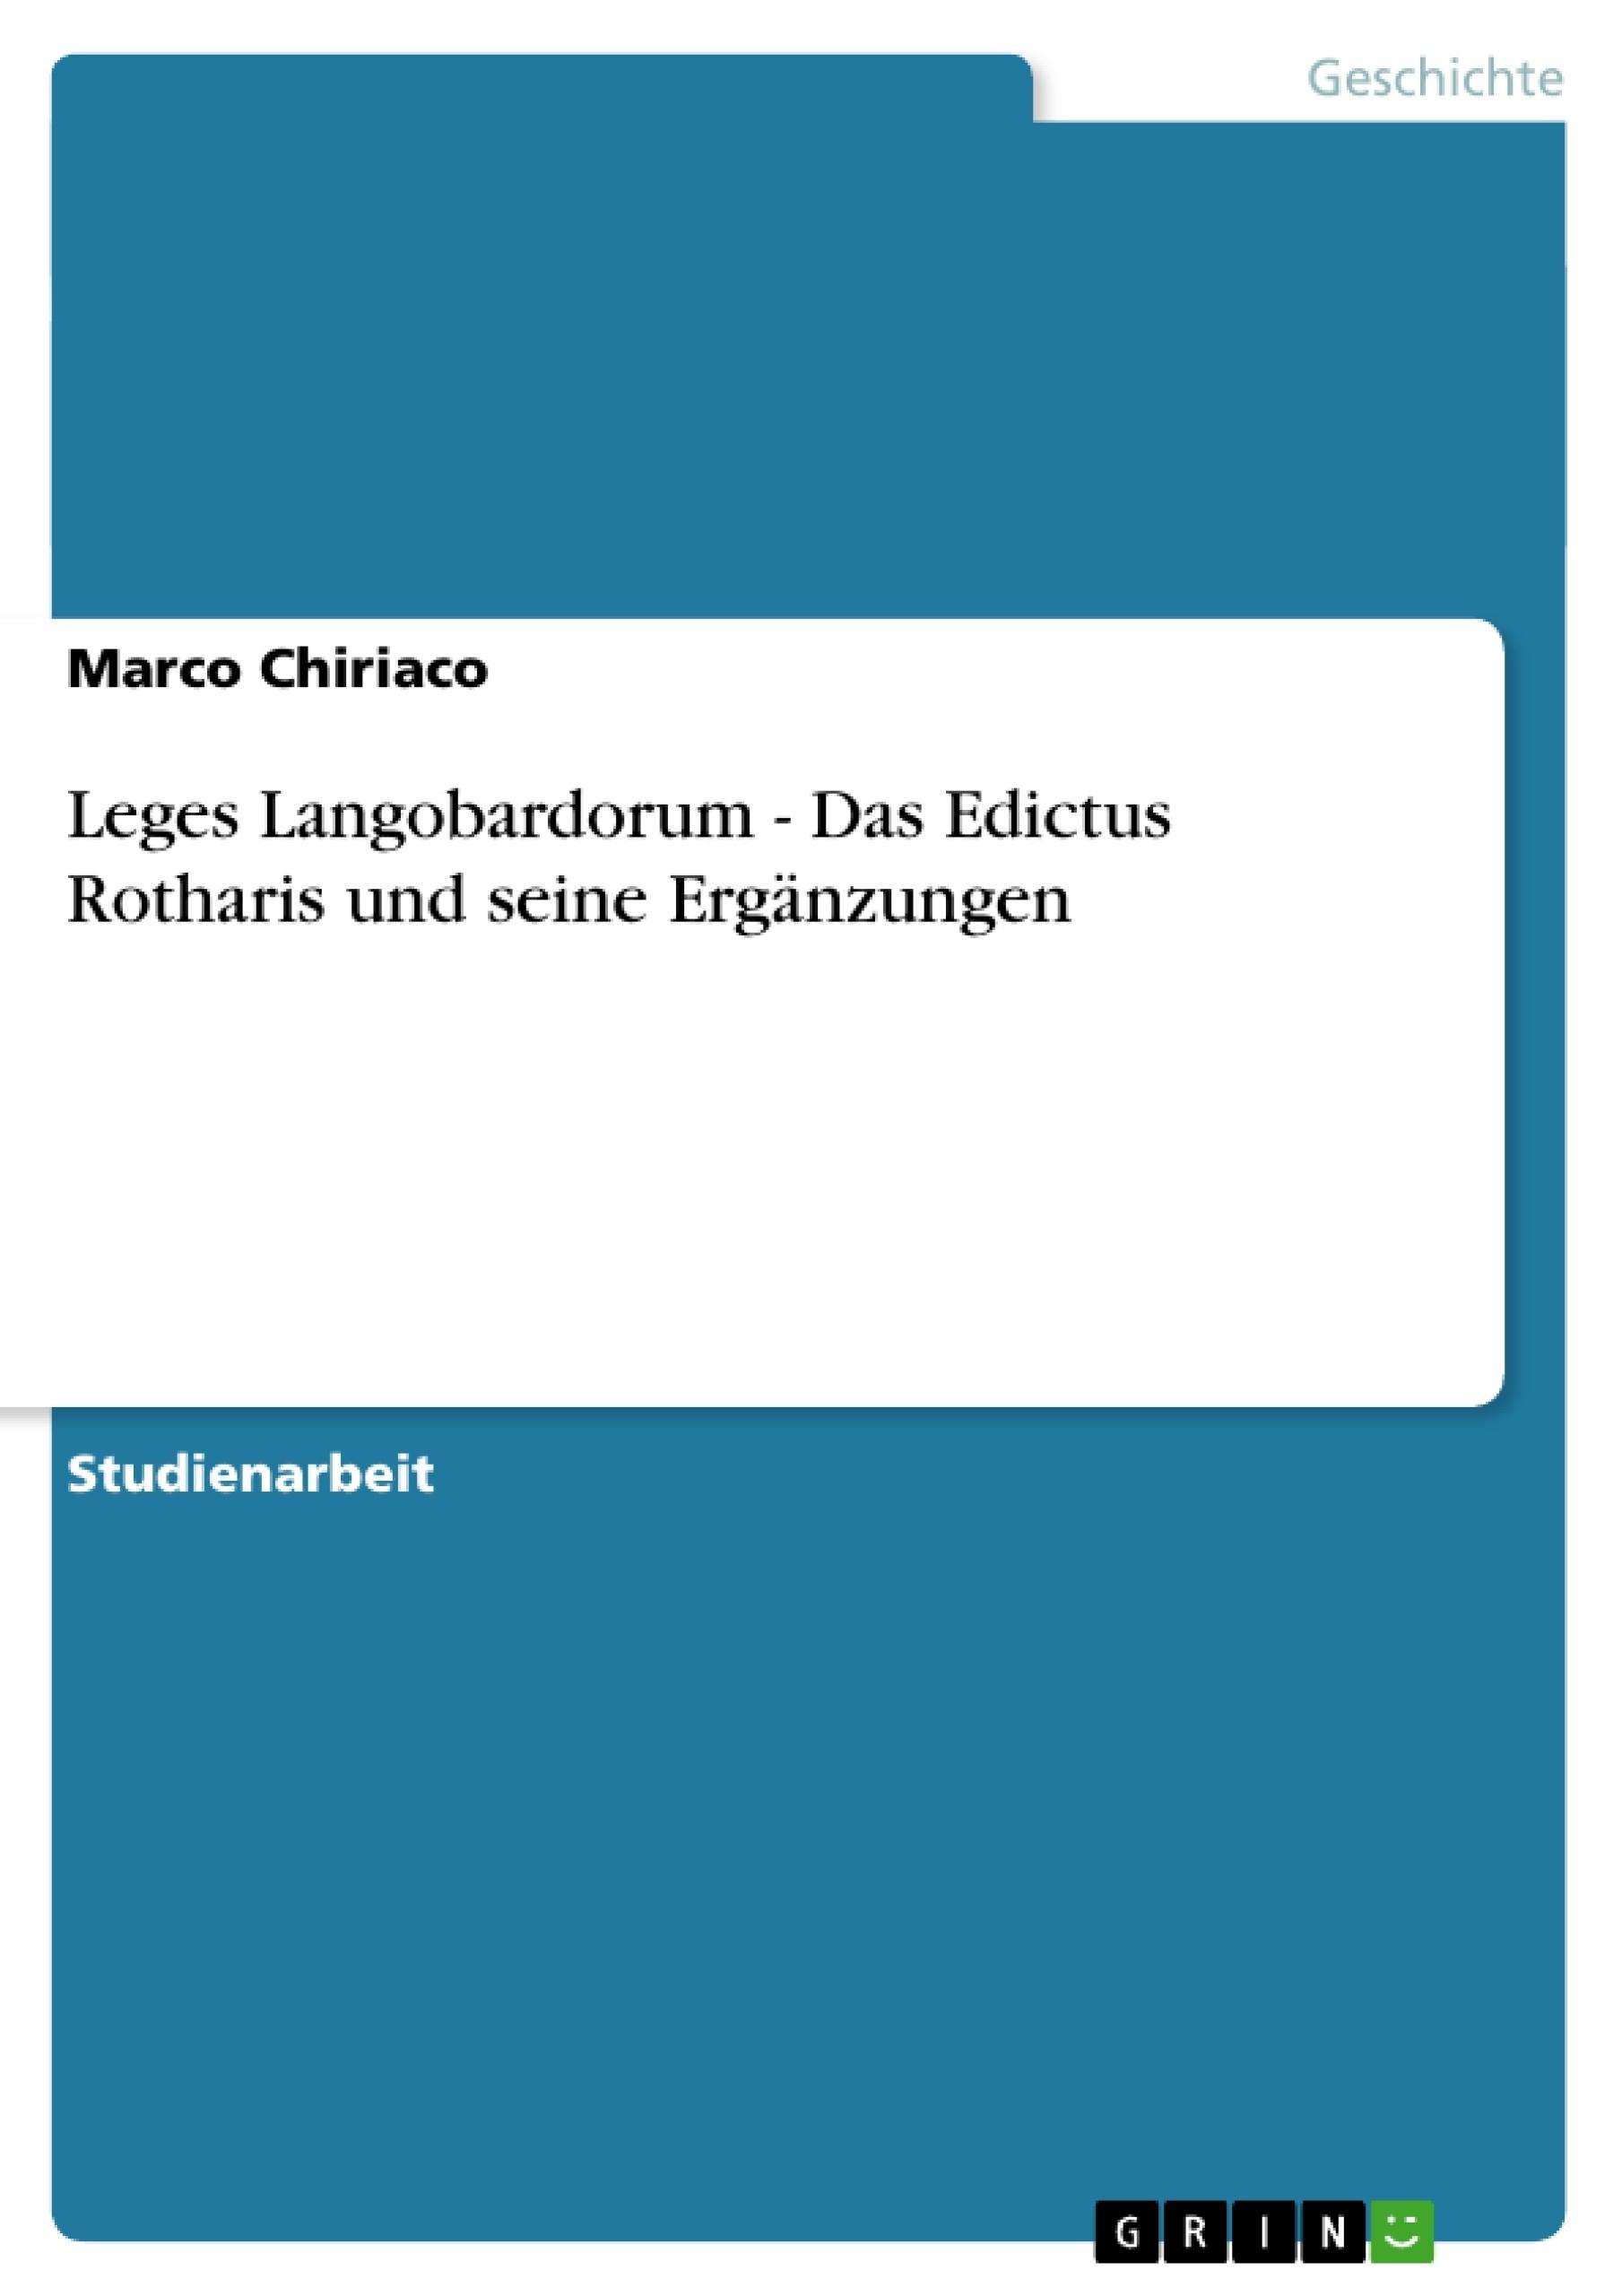 Titel: Leges Langobardorum - Das Edictus Rotharis und seine Ergänzungen